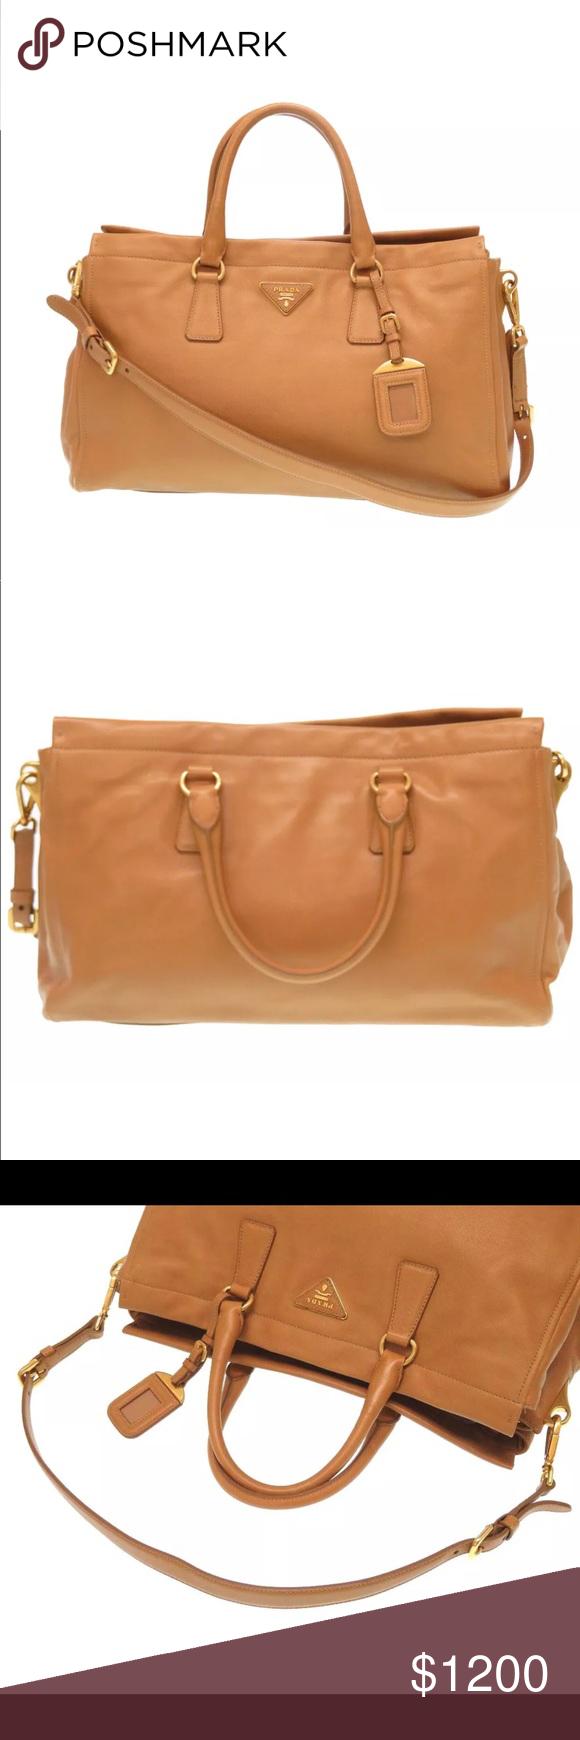 Prada Saffiano soft leather 2way shoulder handbag Brand  PRADA Pattern  Number  BN1848 Country of 7a474c541fa16